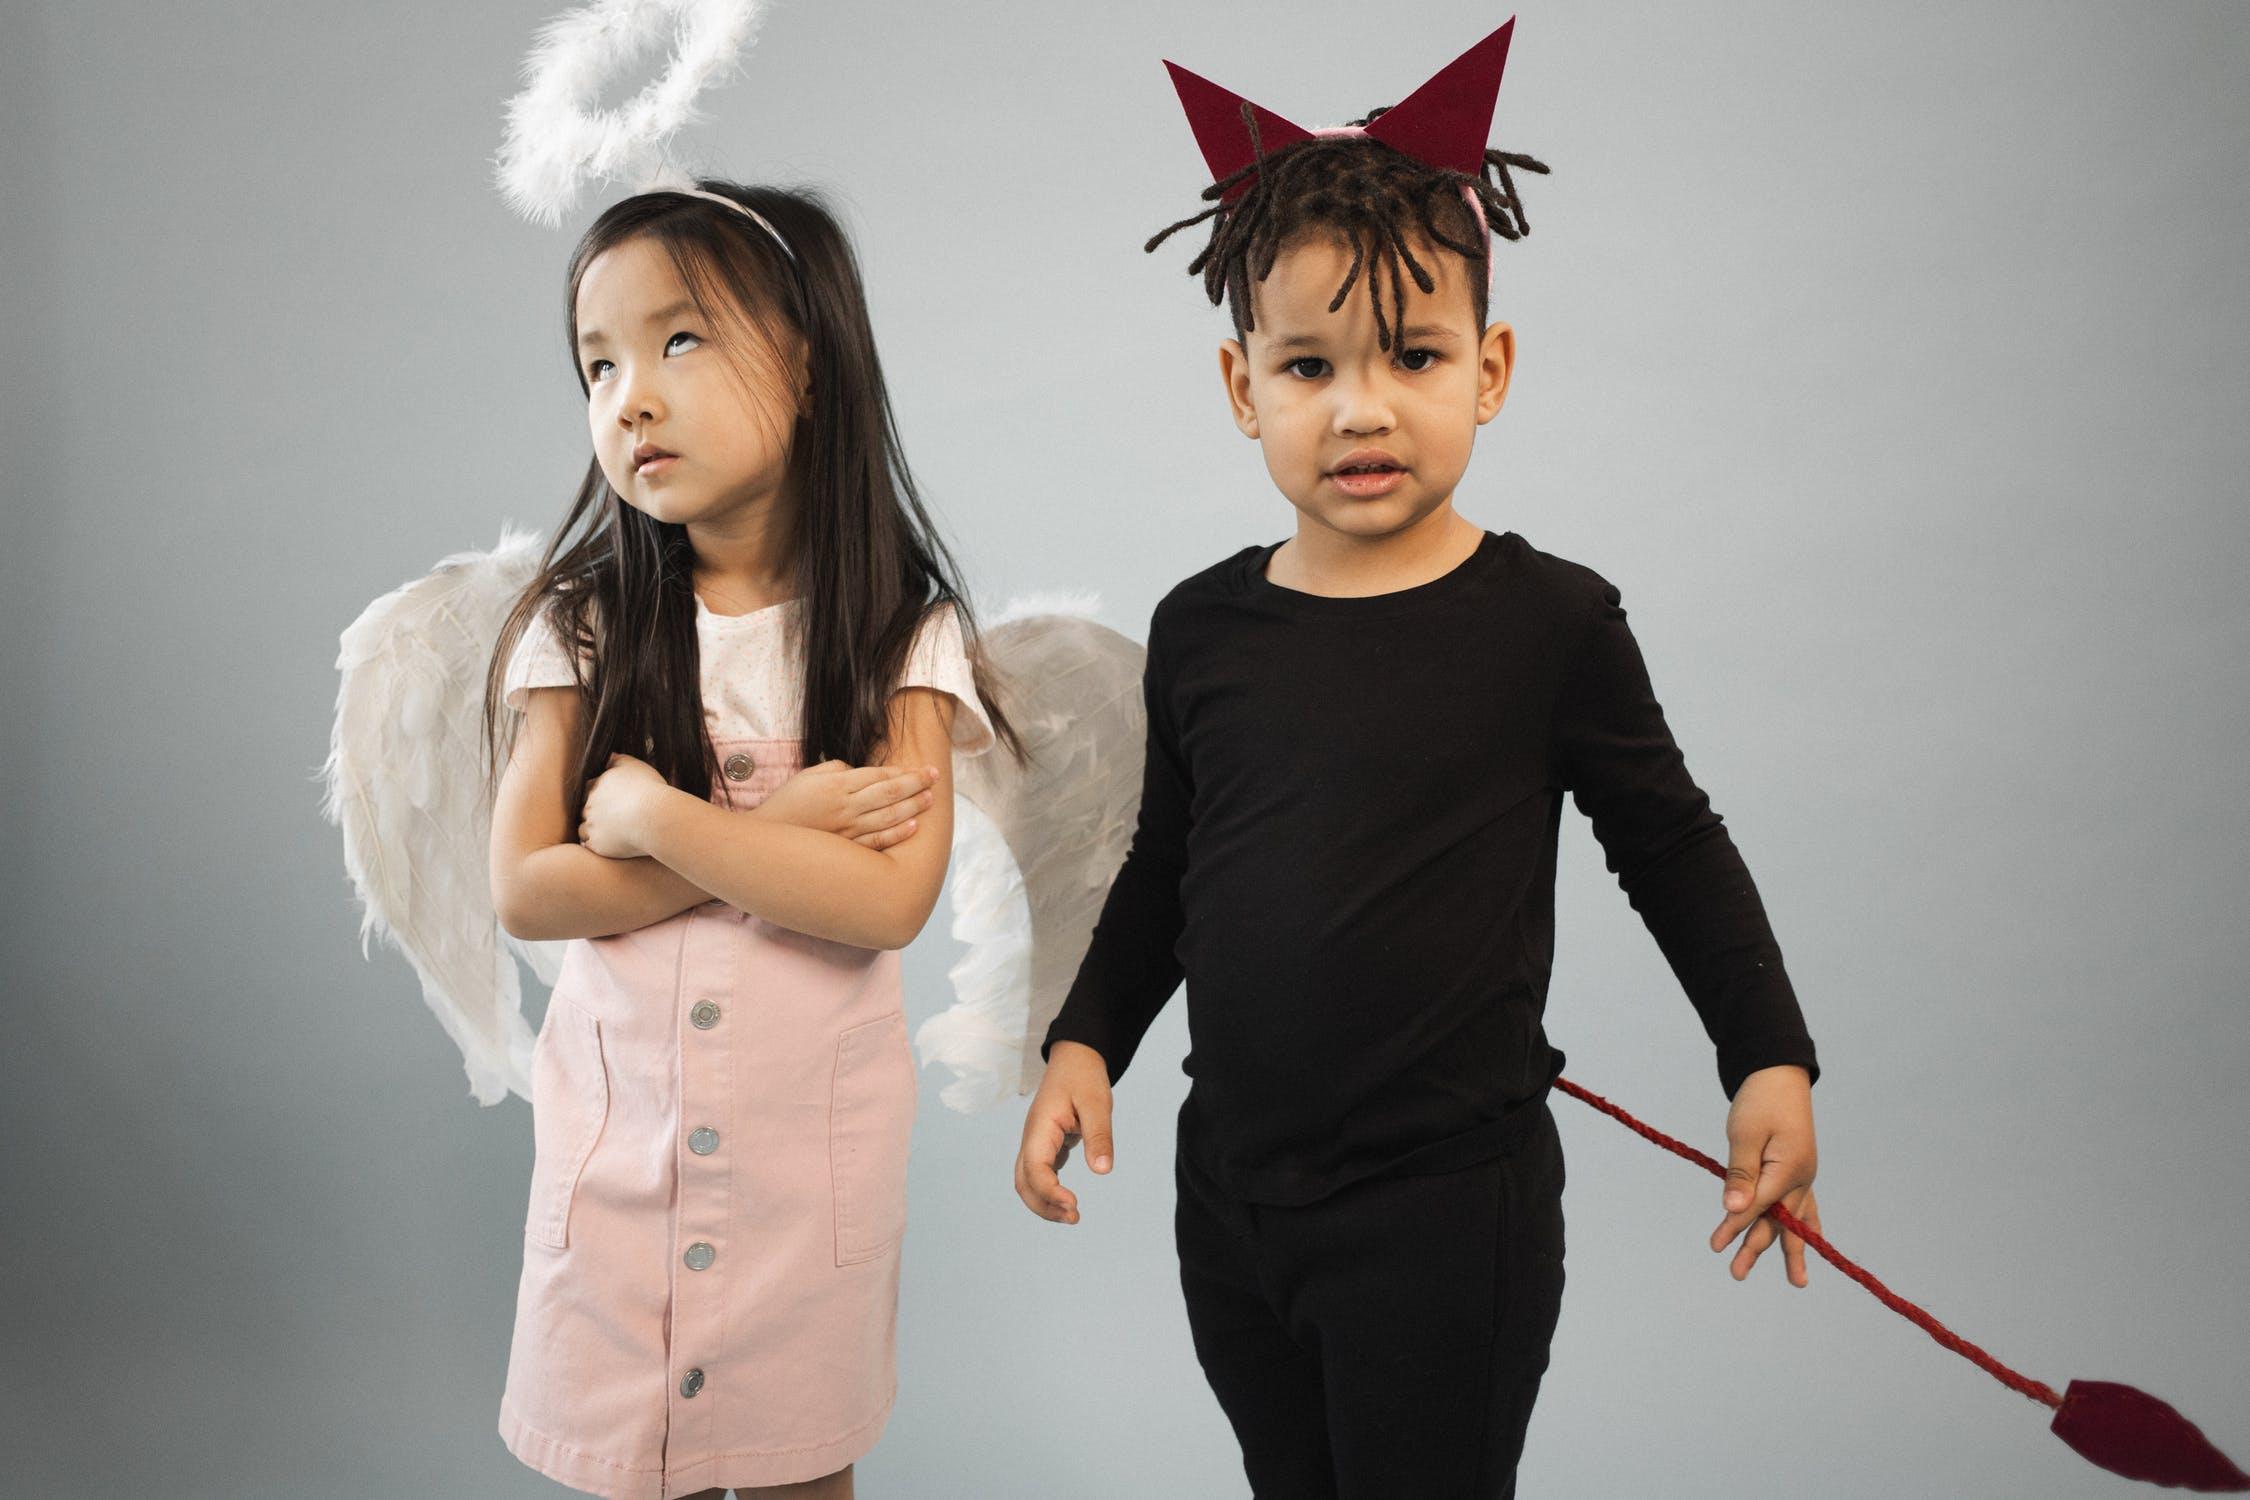 kids costumes, yescomusa